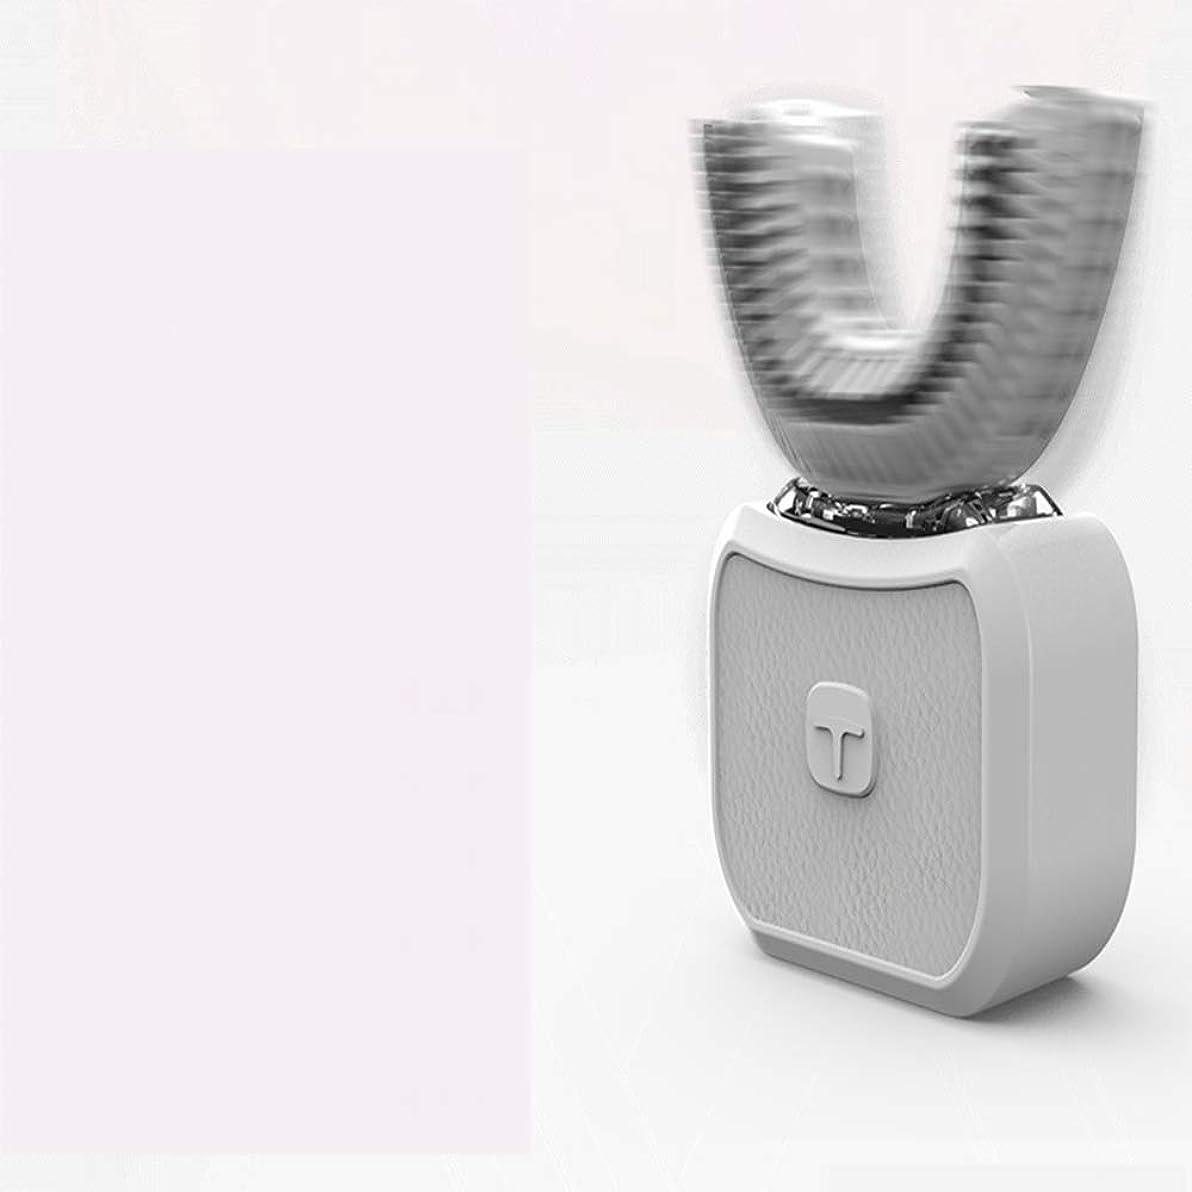 近傍監督する給料自動歯ブラシ、全角360度、歯の汚れを落とし、歯を白くし、歯の健康を守る電動歯ブラシ,Grey